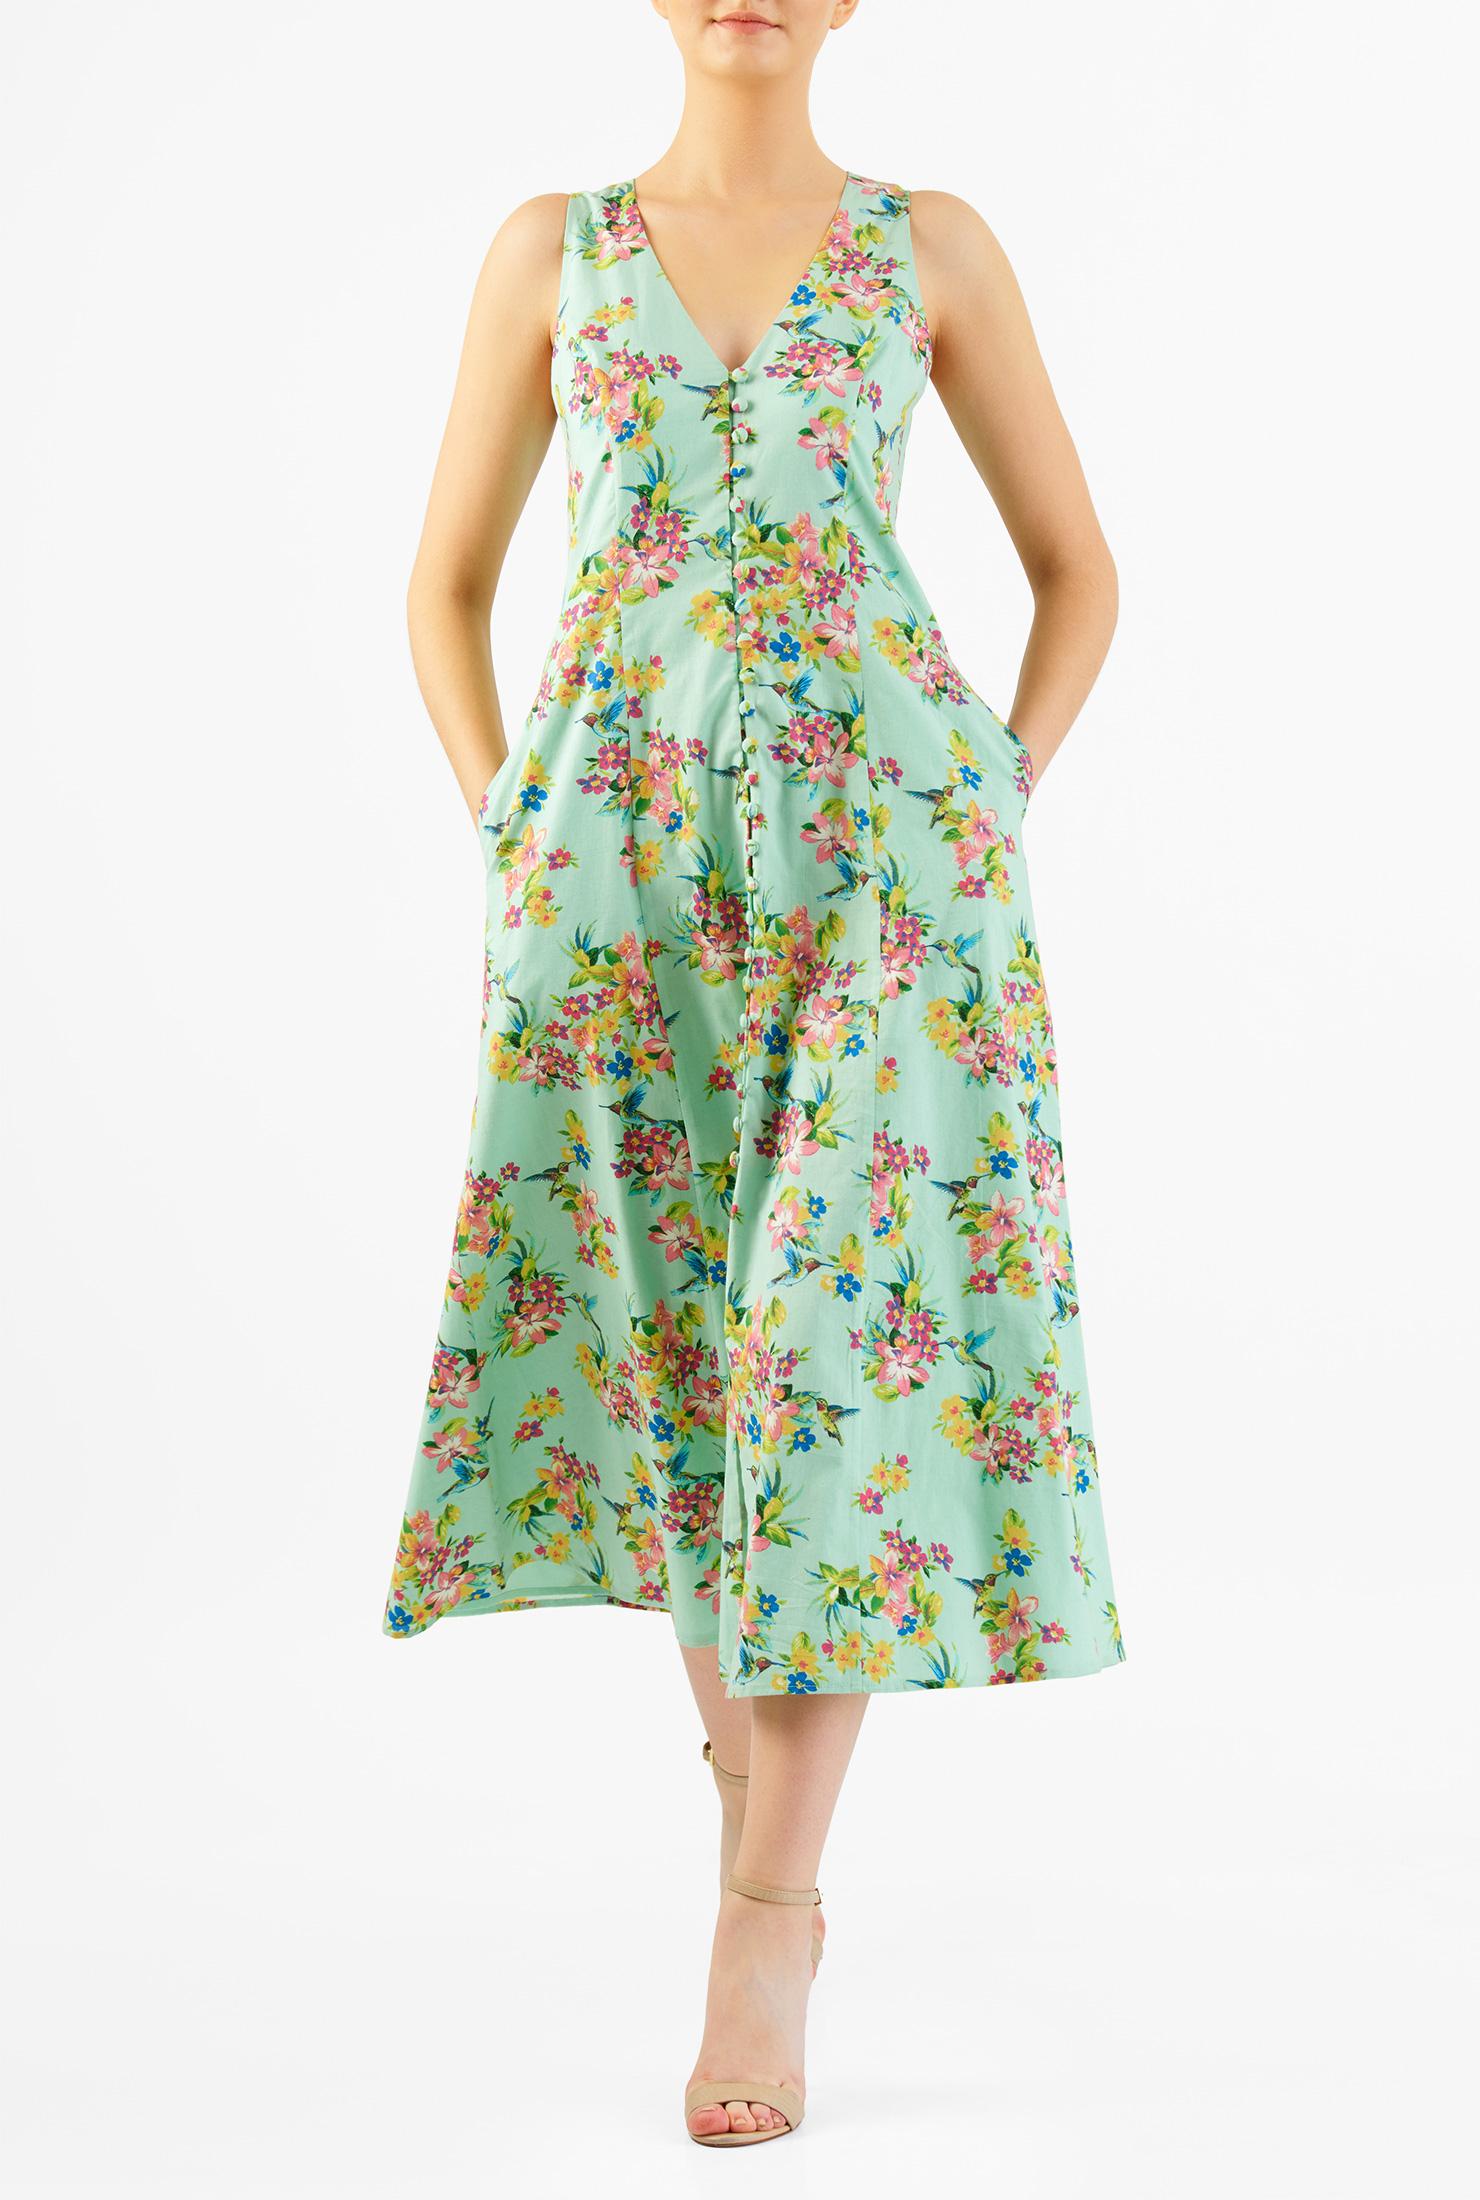 eShakti Women's Floral print rouleau-button front cotton midi shift dres